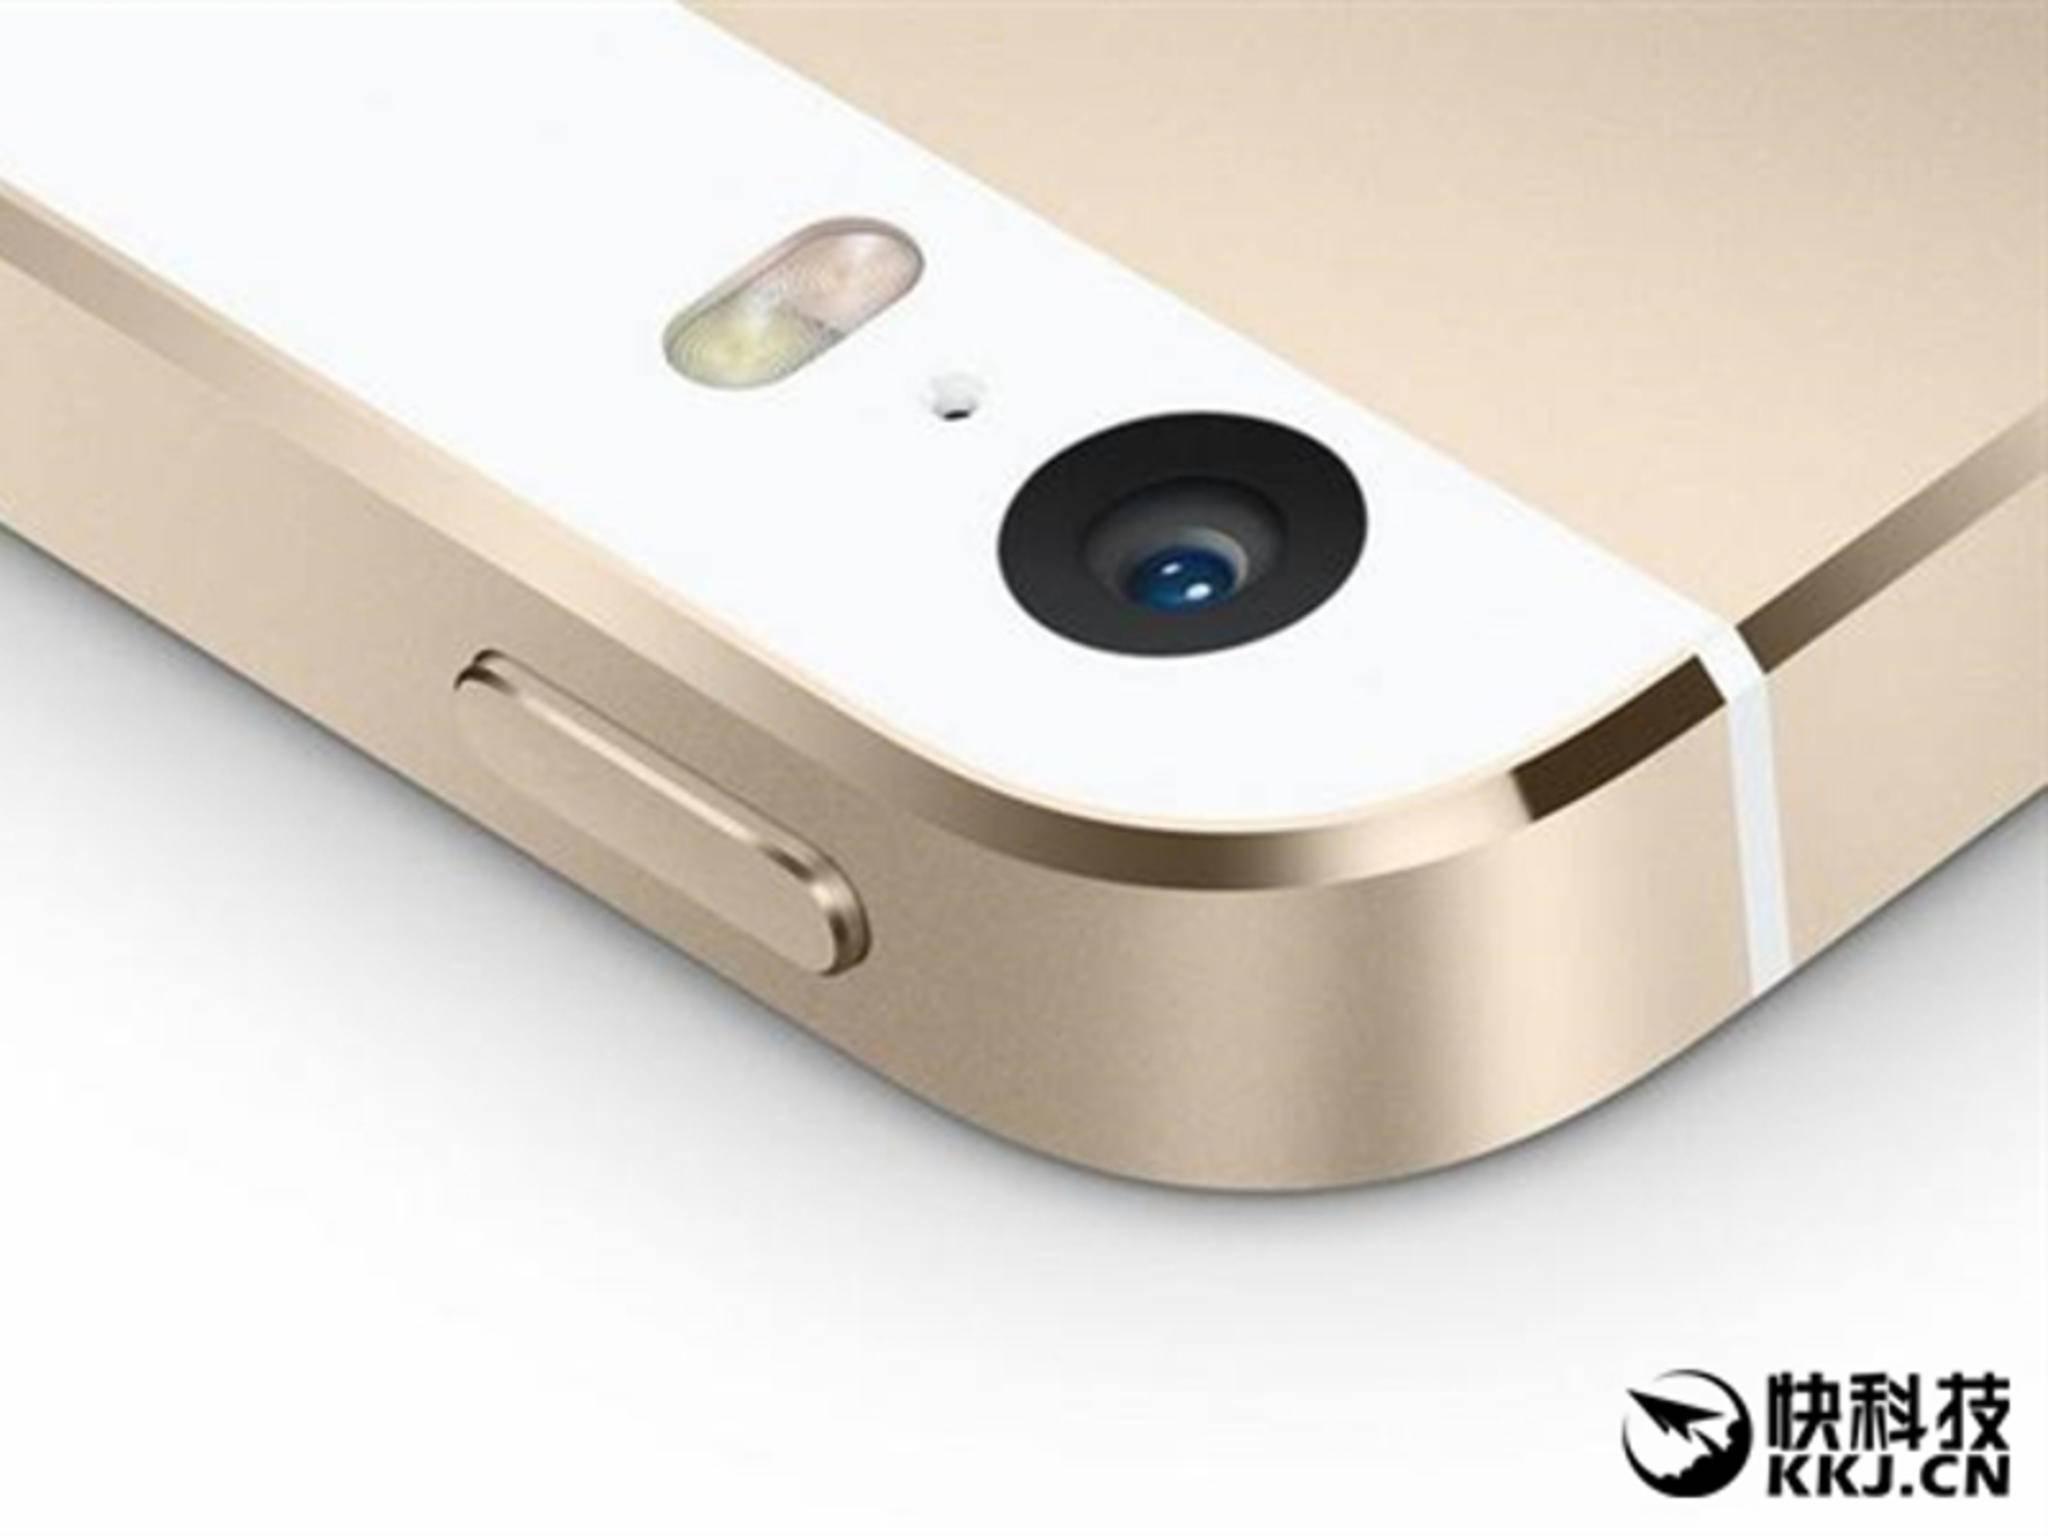 Heißt das iPhone 6c plötzlich doch iPhone 5e?